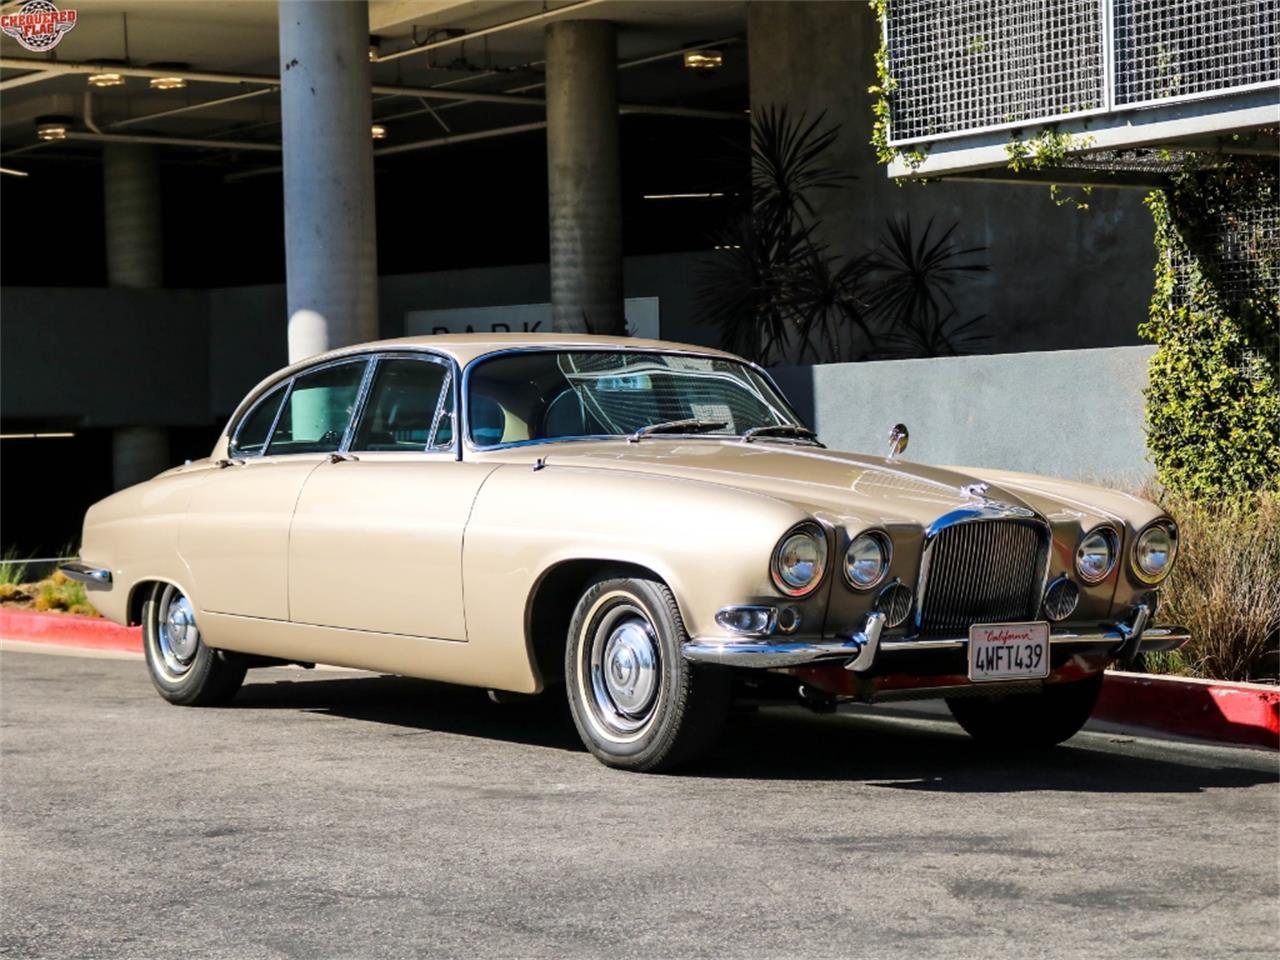 1966 Jaguar Mark X for Sale | ClassicCars.com | CC-1060876